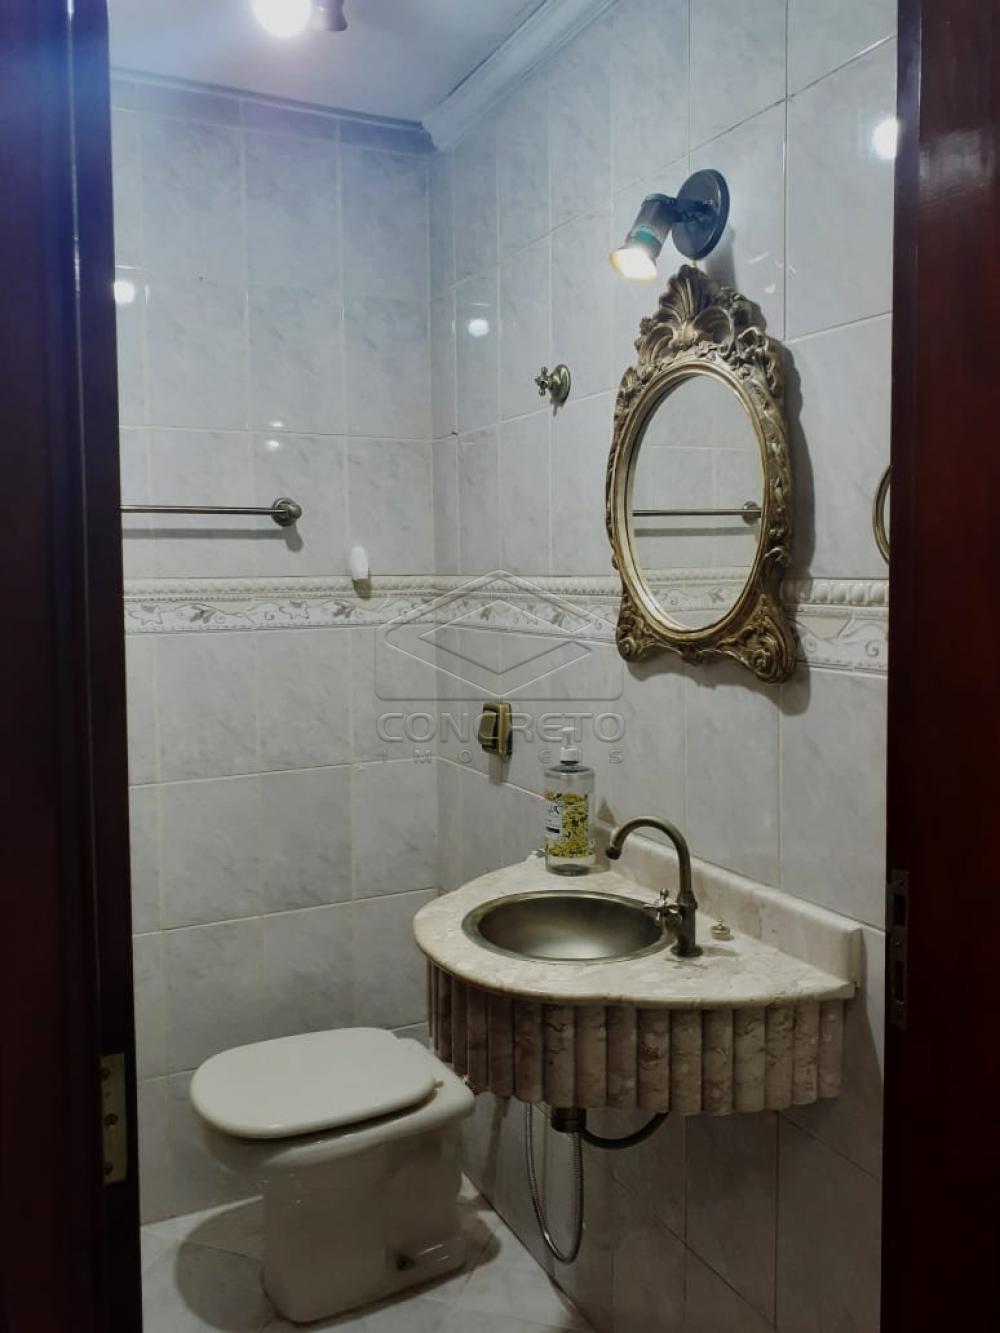 Comprar Apartamento / Padrão em Bauru apenas R$ 450.000,00 - Foto 11